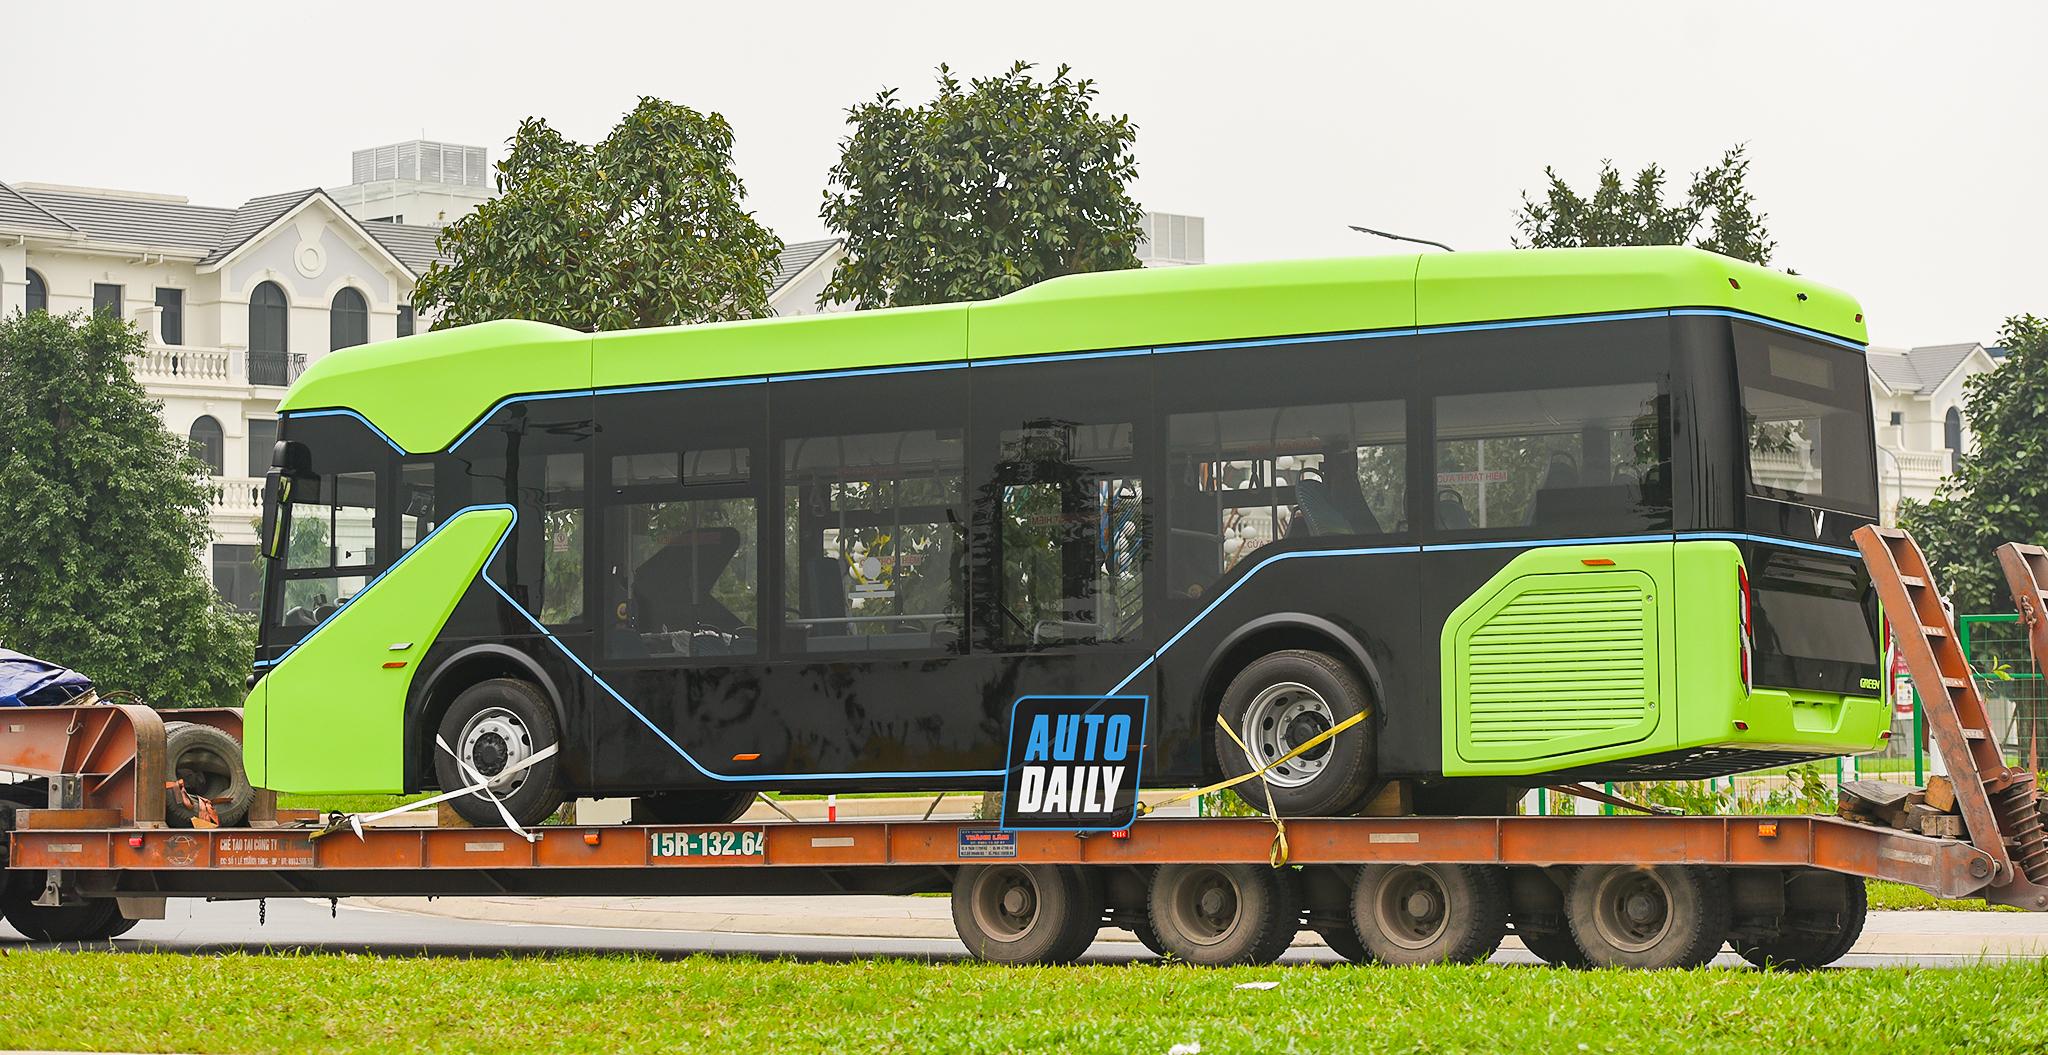 Chùm ảnh loạt xe Bus điện VinFast có mặt tại Hà Nội, sẵn sàng chạy thí điểm dsc-3874-copy.jpg